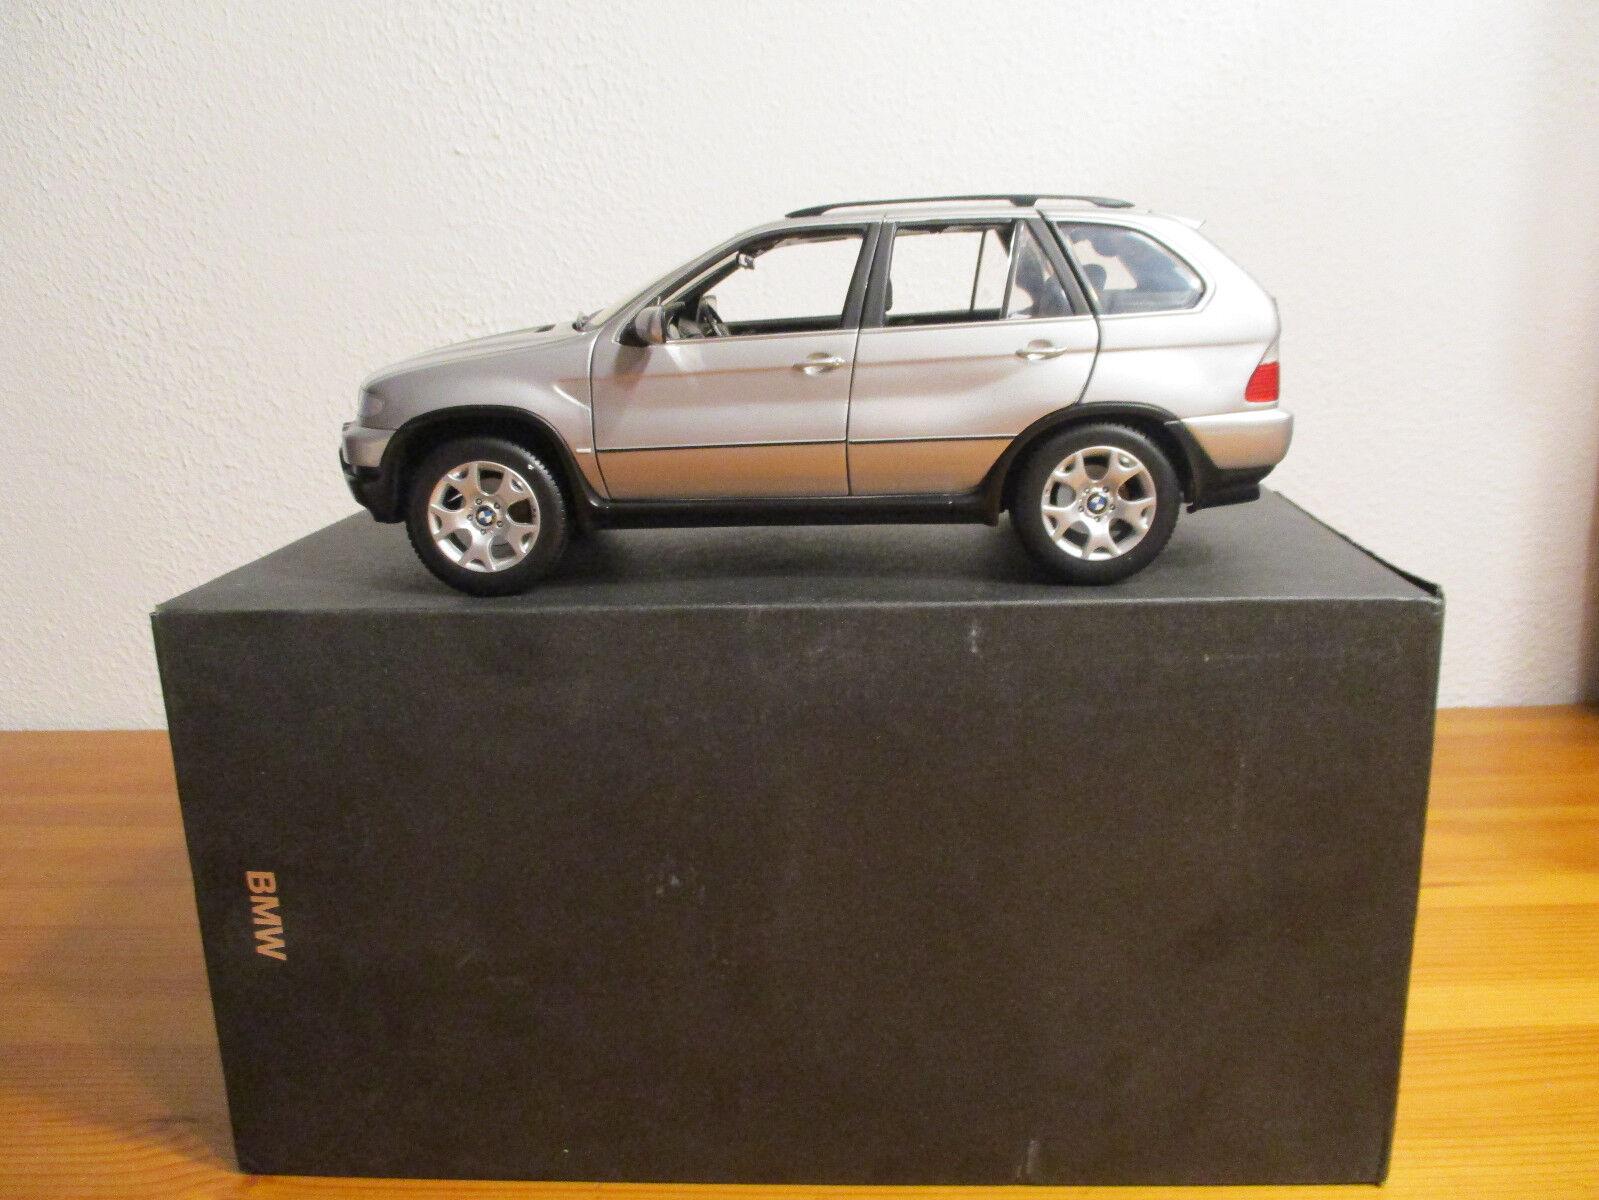 ( GOR ) 1 18 Kyosho BMW X5 4.4i neuf emballage scellé